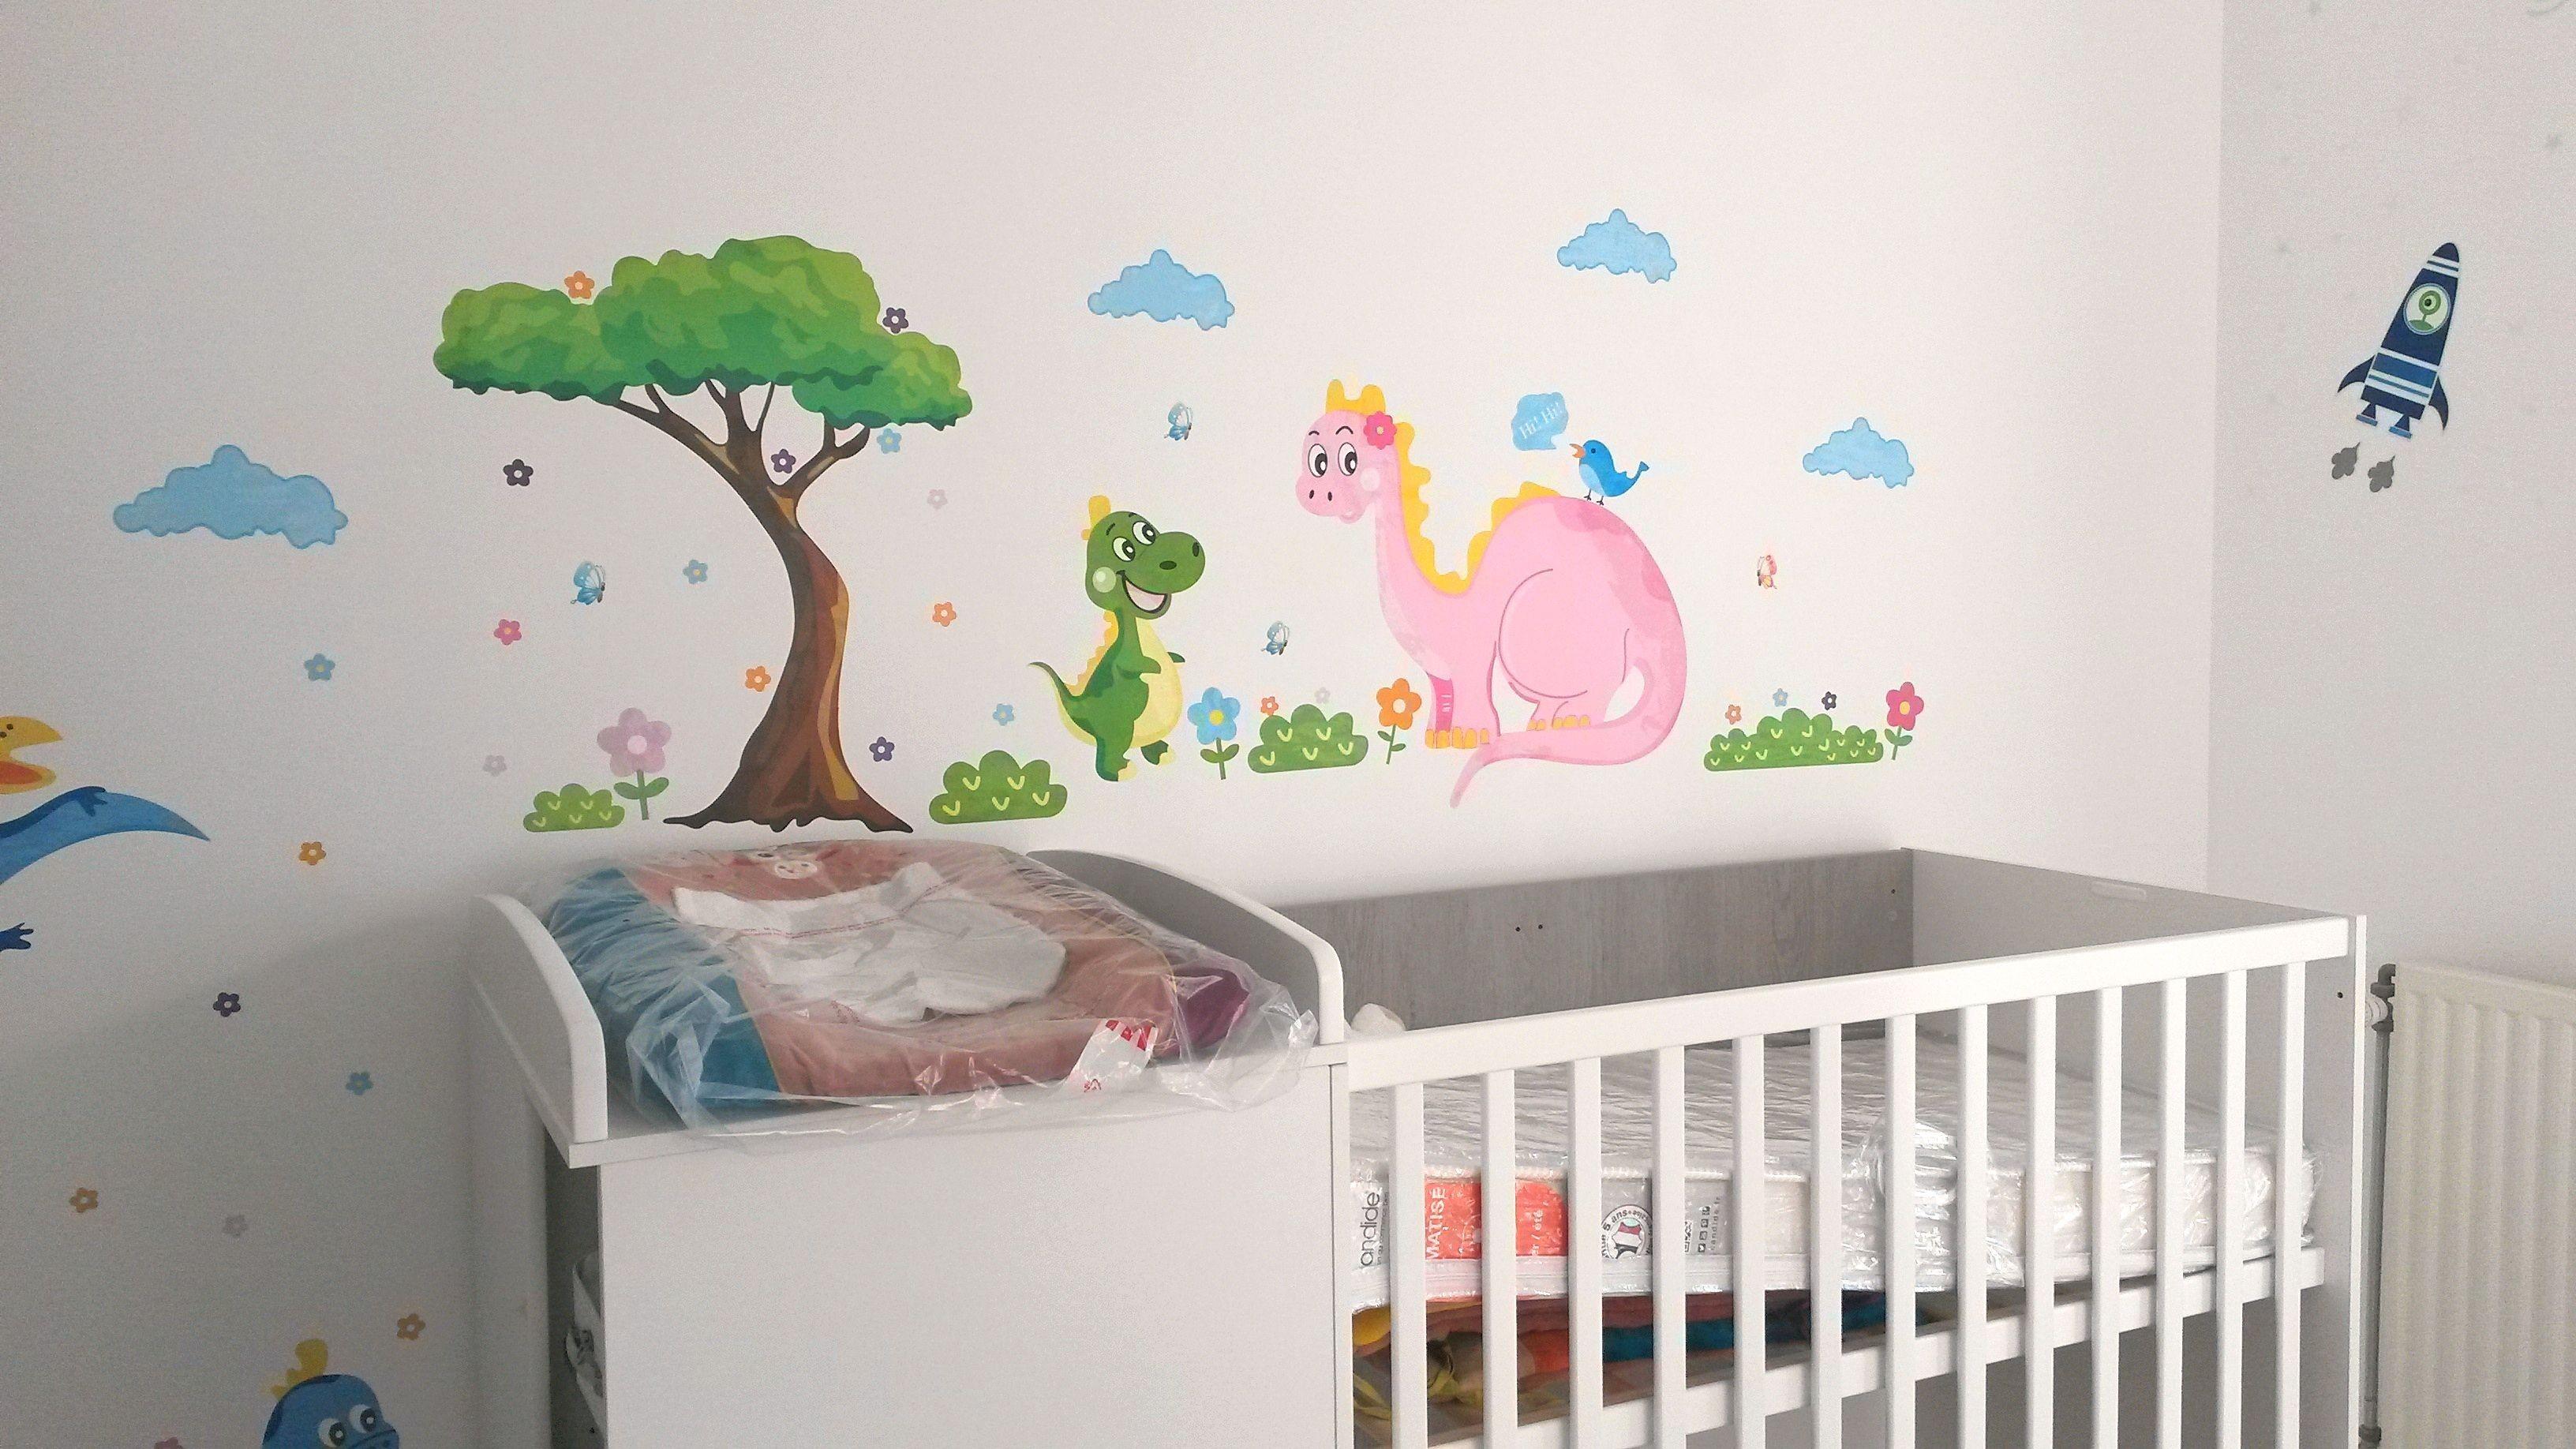 Idee De Deco Pour Chambre sticker chambre enfant : idée, produit, conseil et astuce